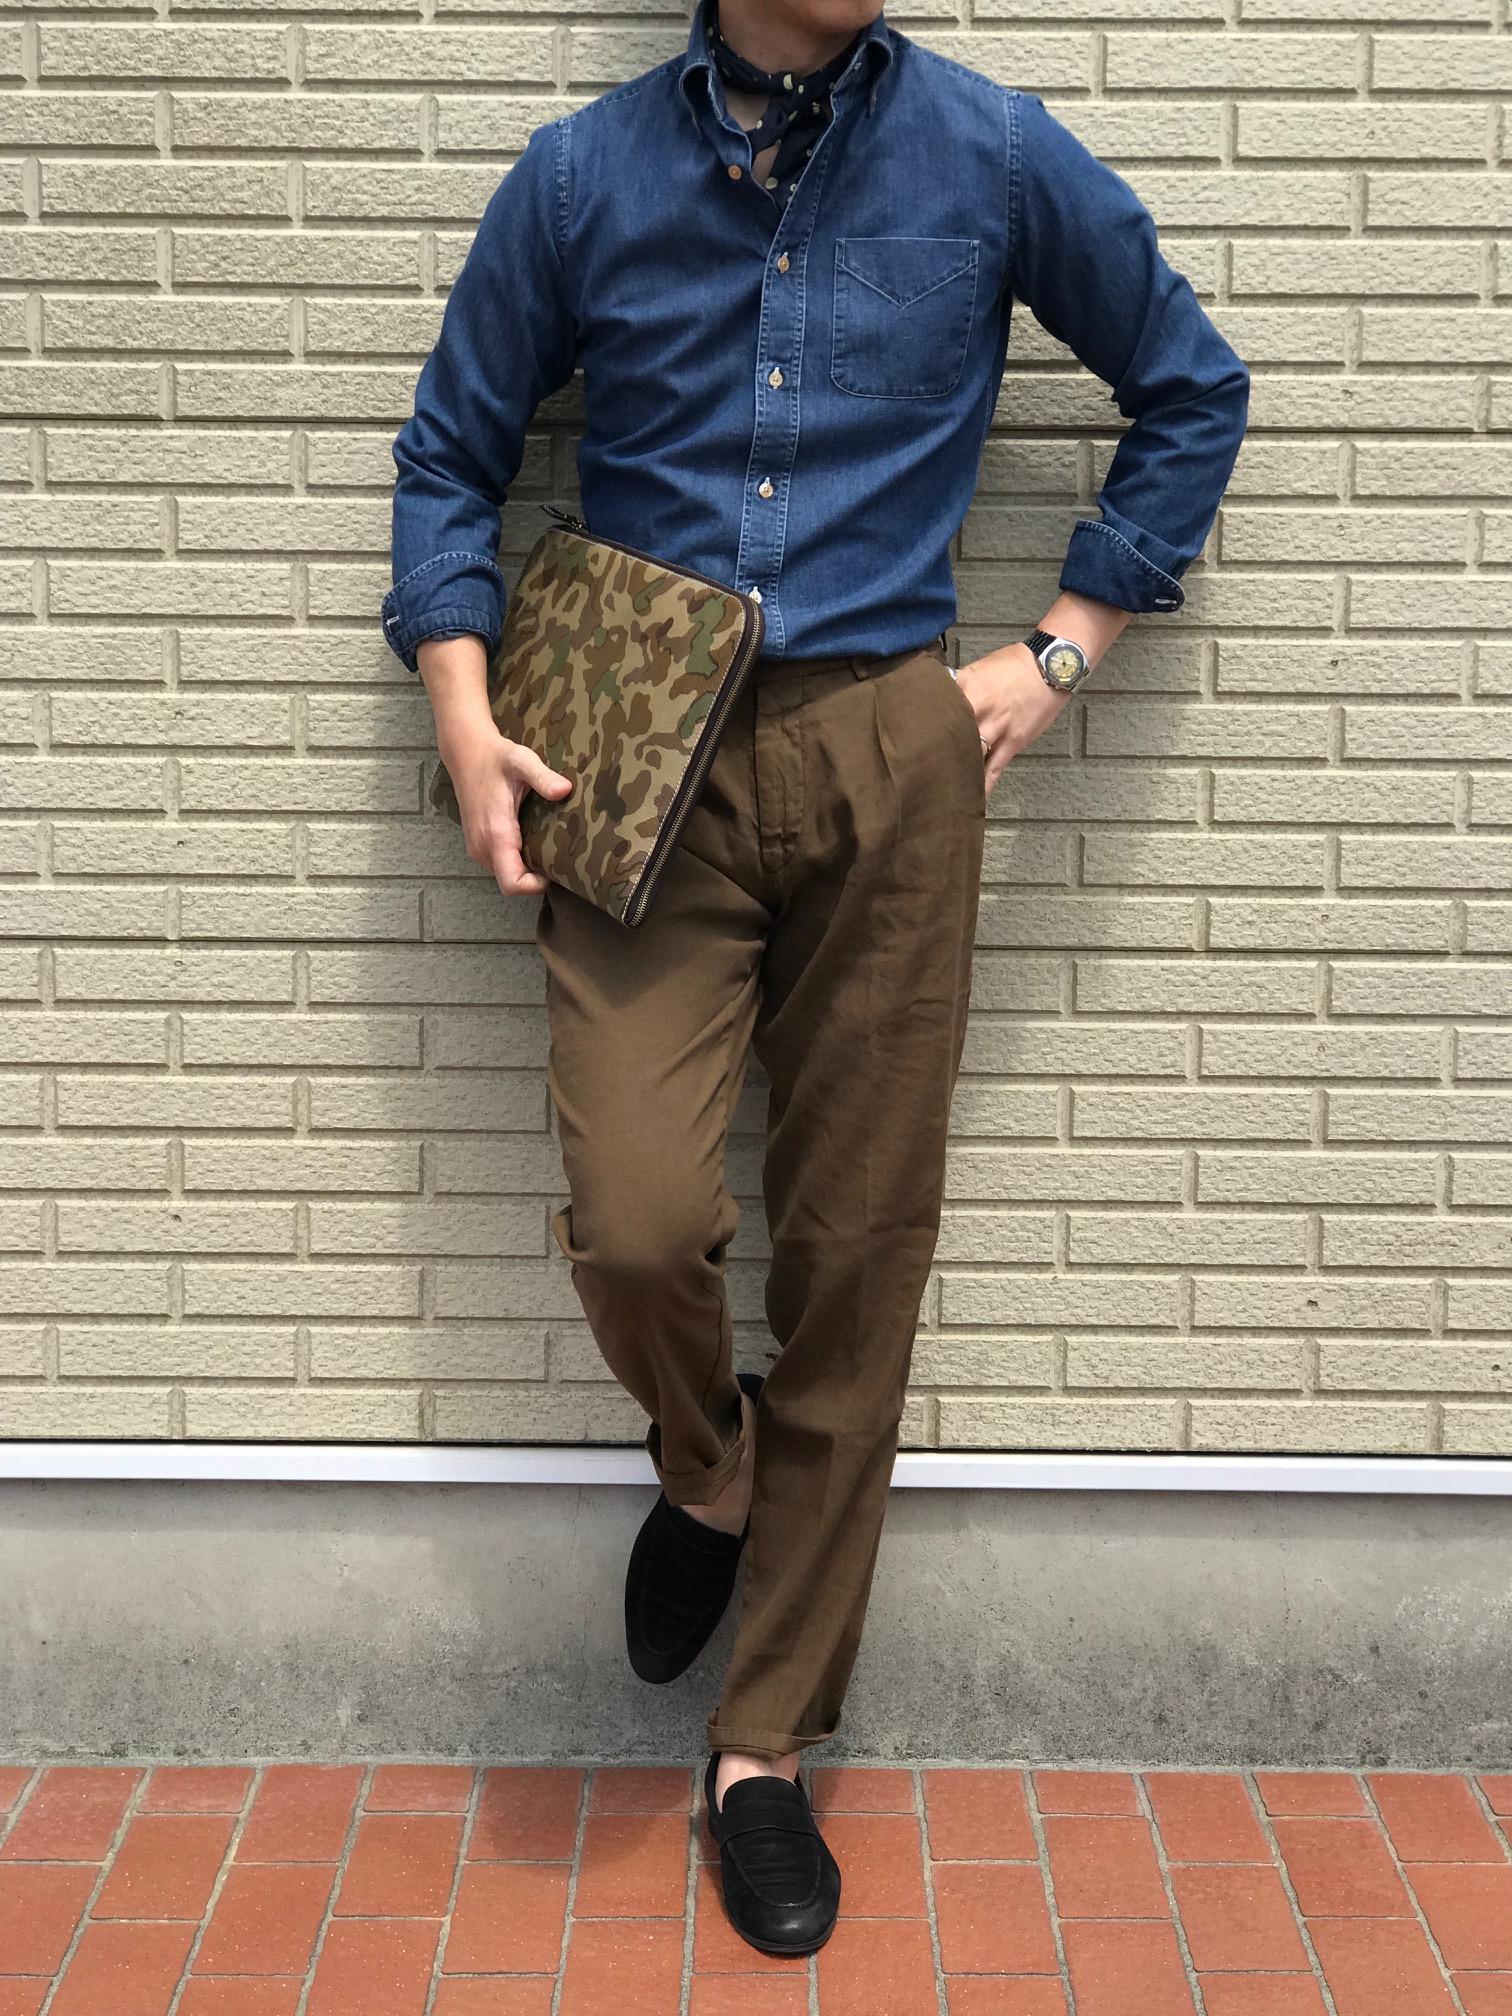 ブルゾンのように着こなすシャツ!【BOLZONELLA/ボルゾネッラ】「S6DUSTIN KIOVB」 デニム地ボタンダウンカラーシャツ!!